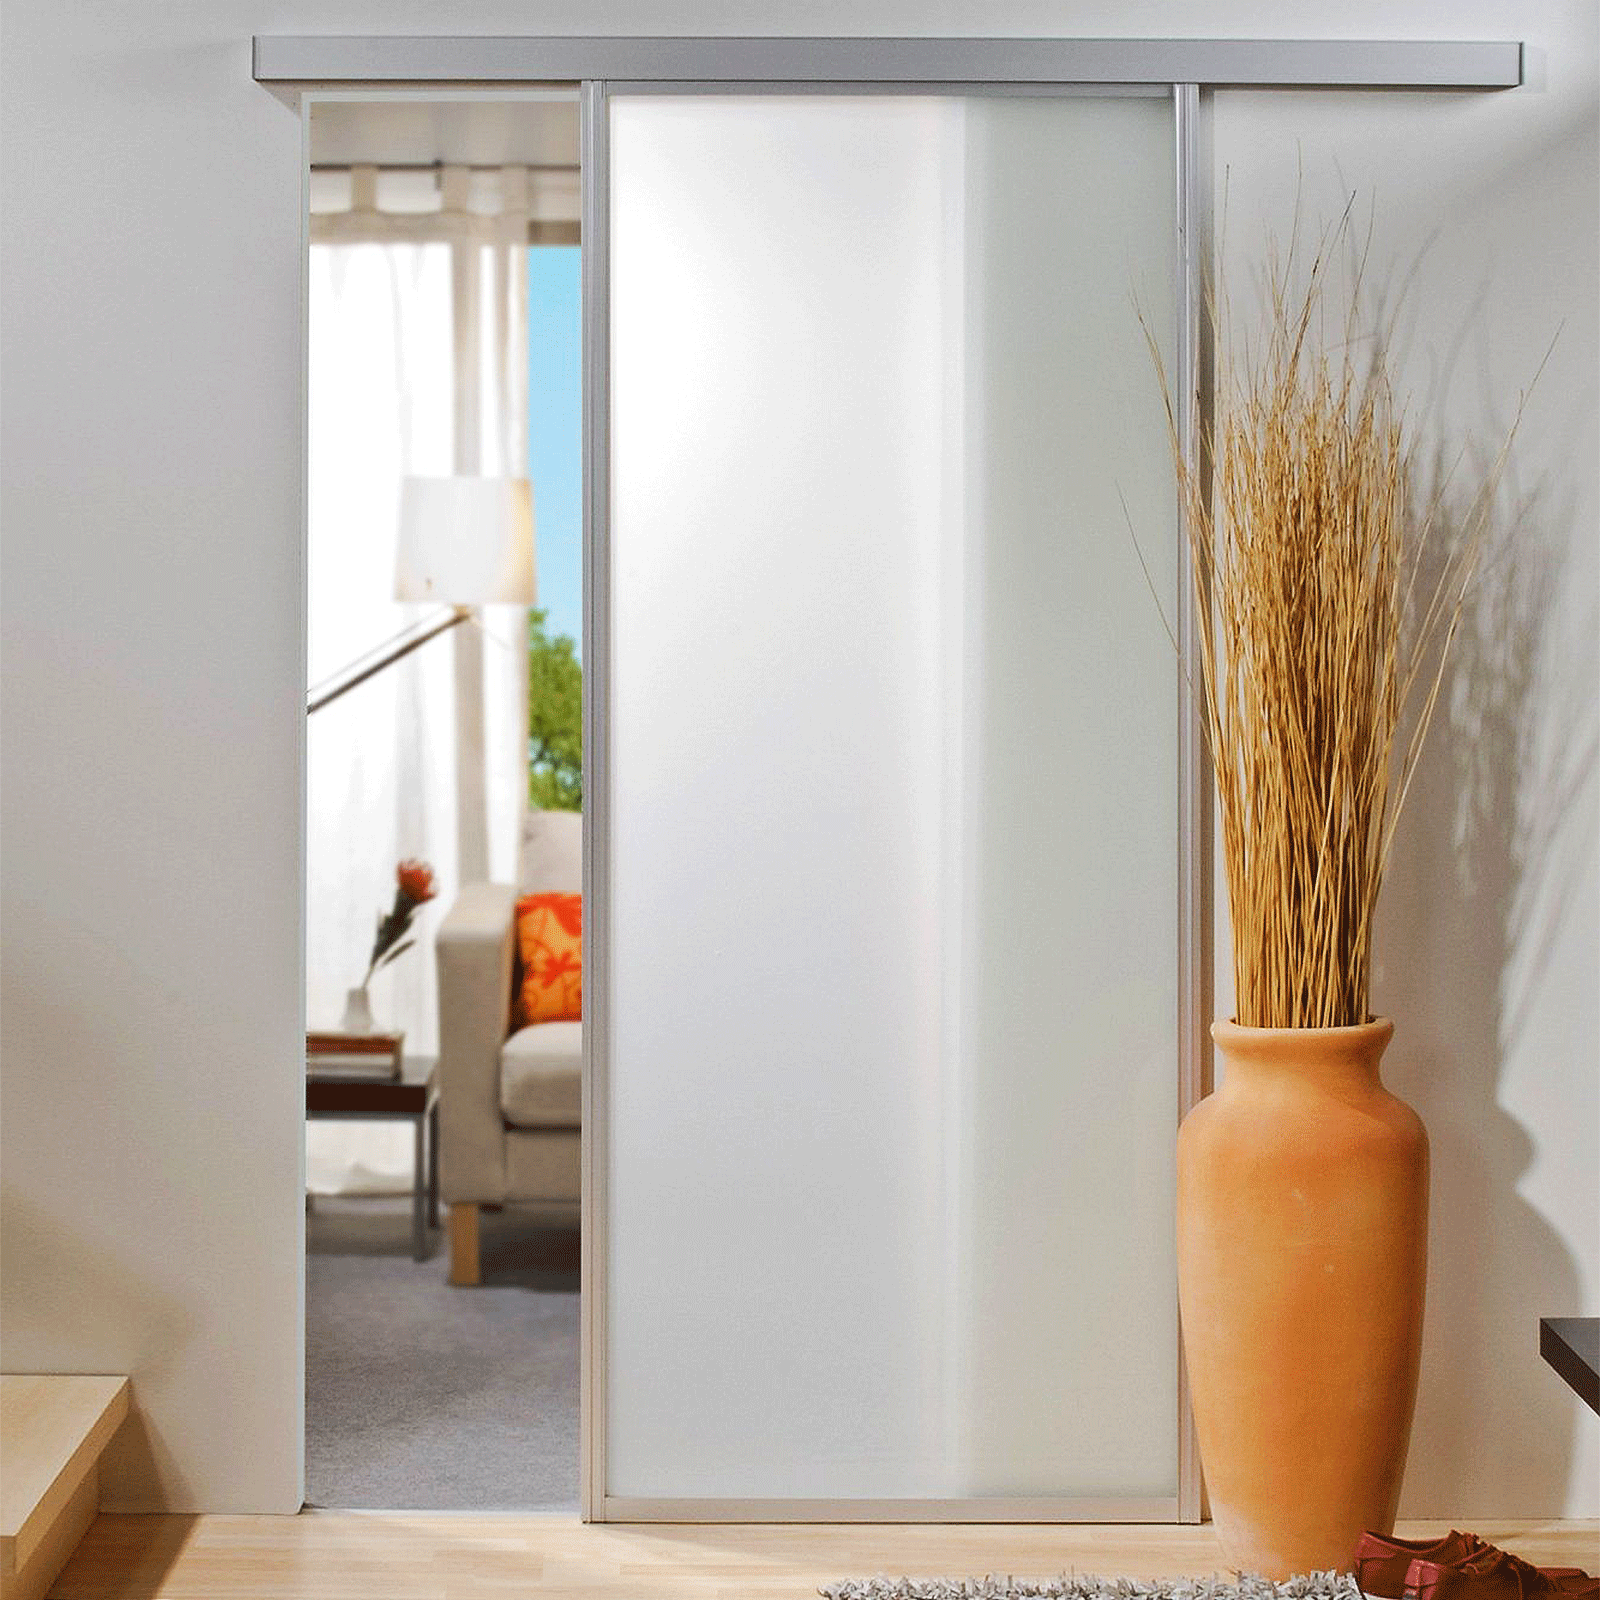 gerahmte schiebet r mit f llung aus holz oder glas 1 4 fl gel schiebet ren profi. Black Bedroom Furniture Sets. Home Design Ideas